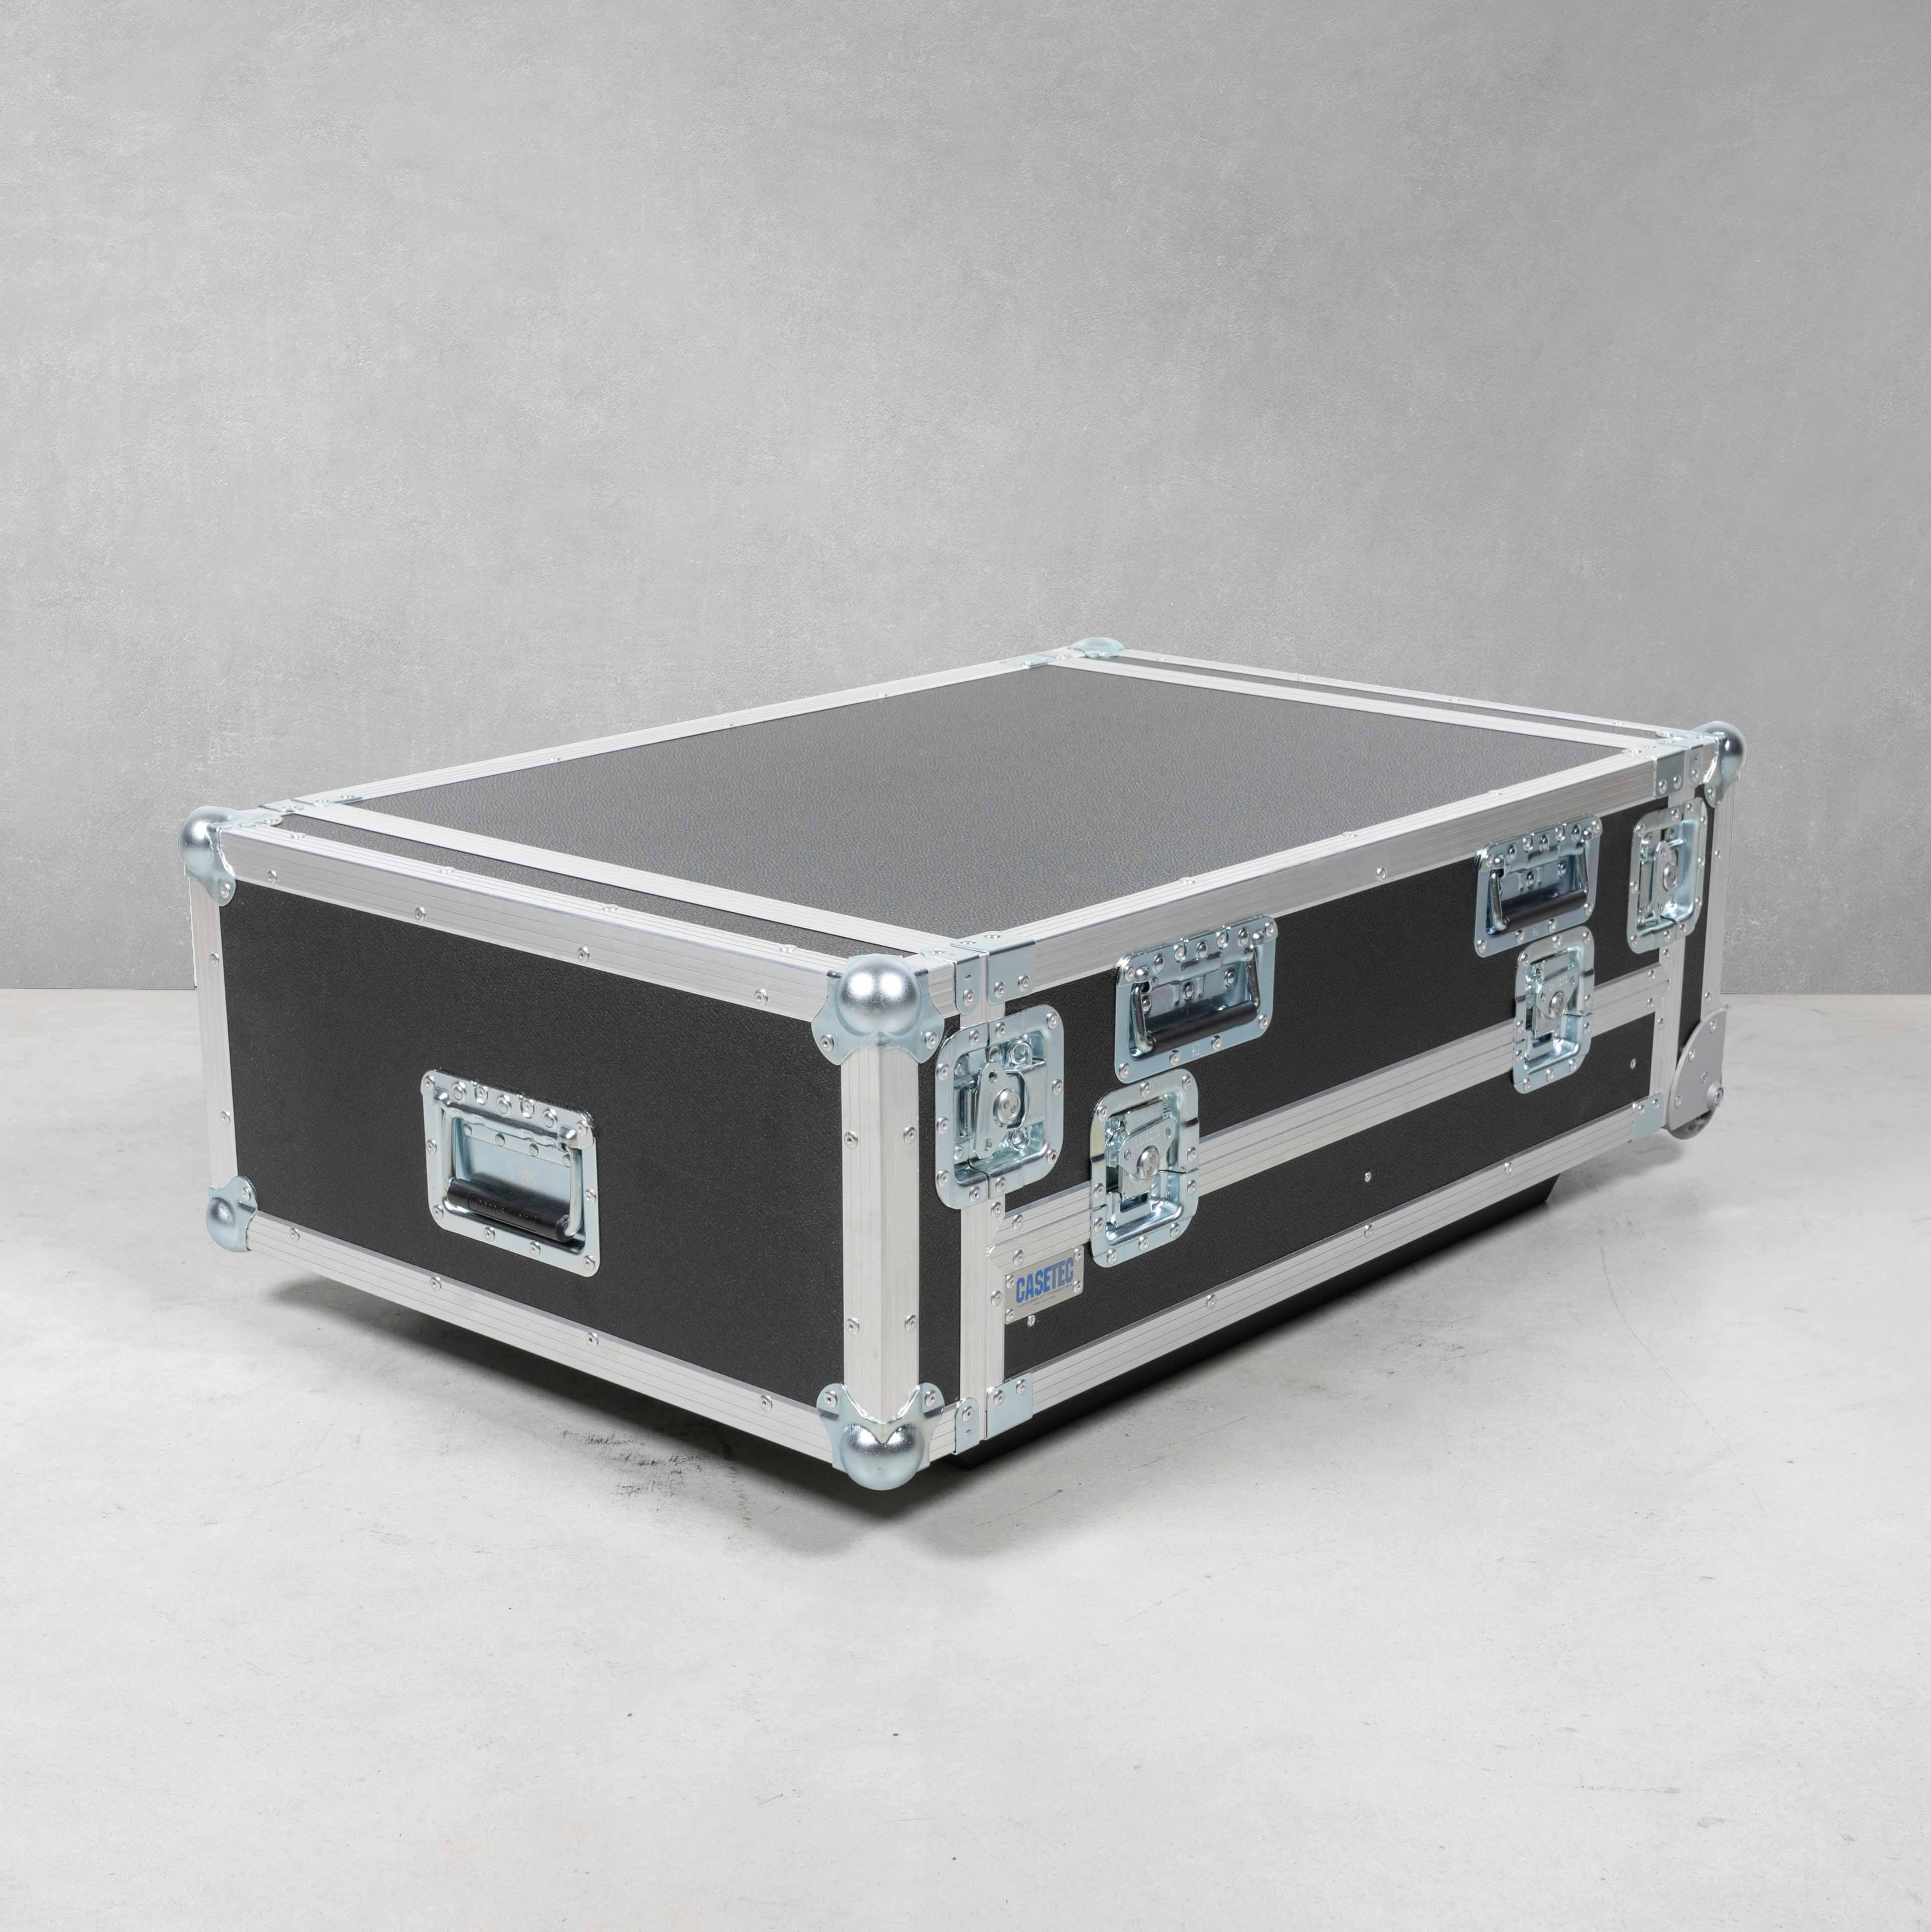 Flightcase für Waves LV1 System (Mischpult) mit PC Workstation